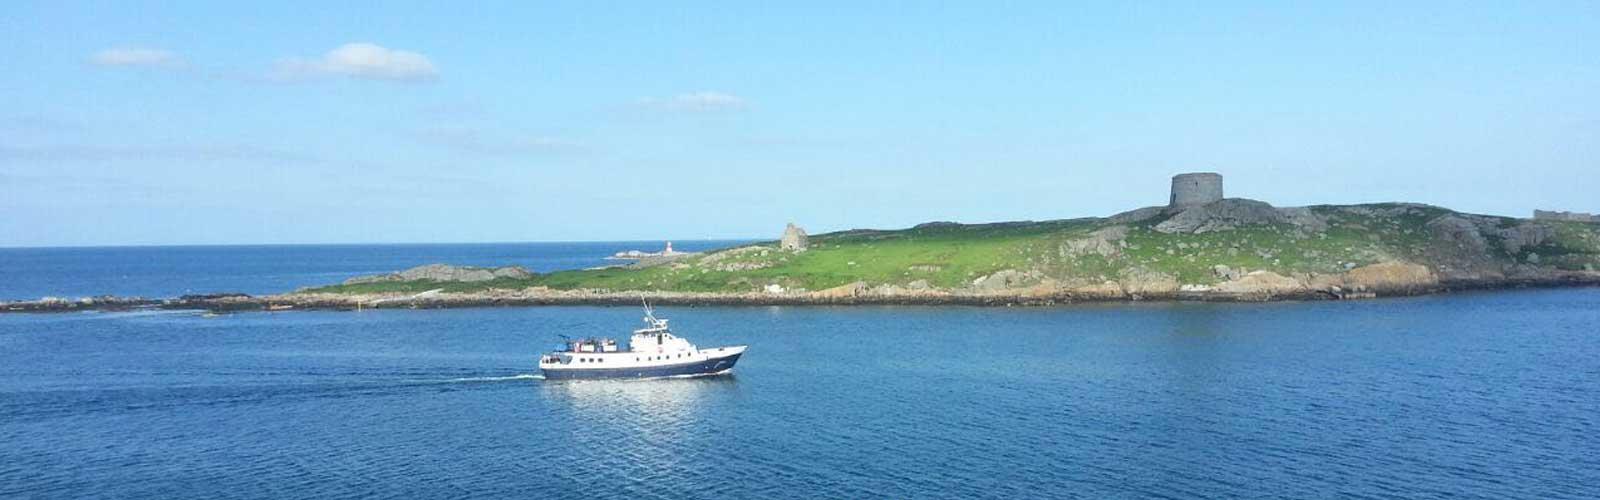 Top 10 Dublin Bay Highlights   Visit Dublin